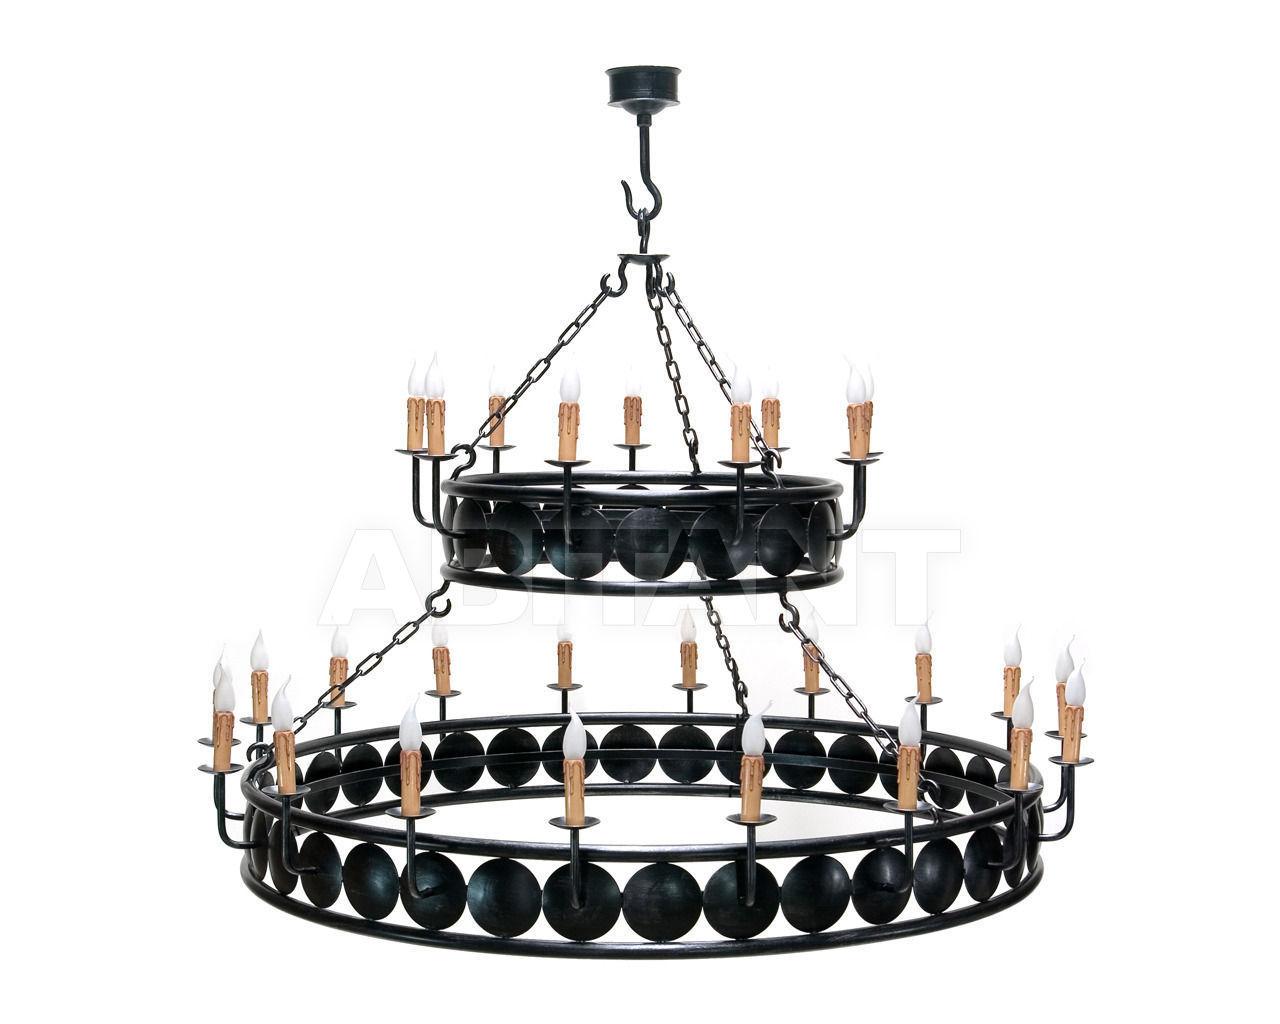 Купить Люстра FMB Leuchten Schmiedeeisen Lampen Und Leuchten 94456